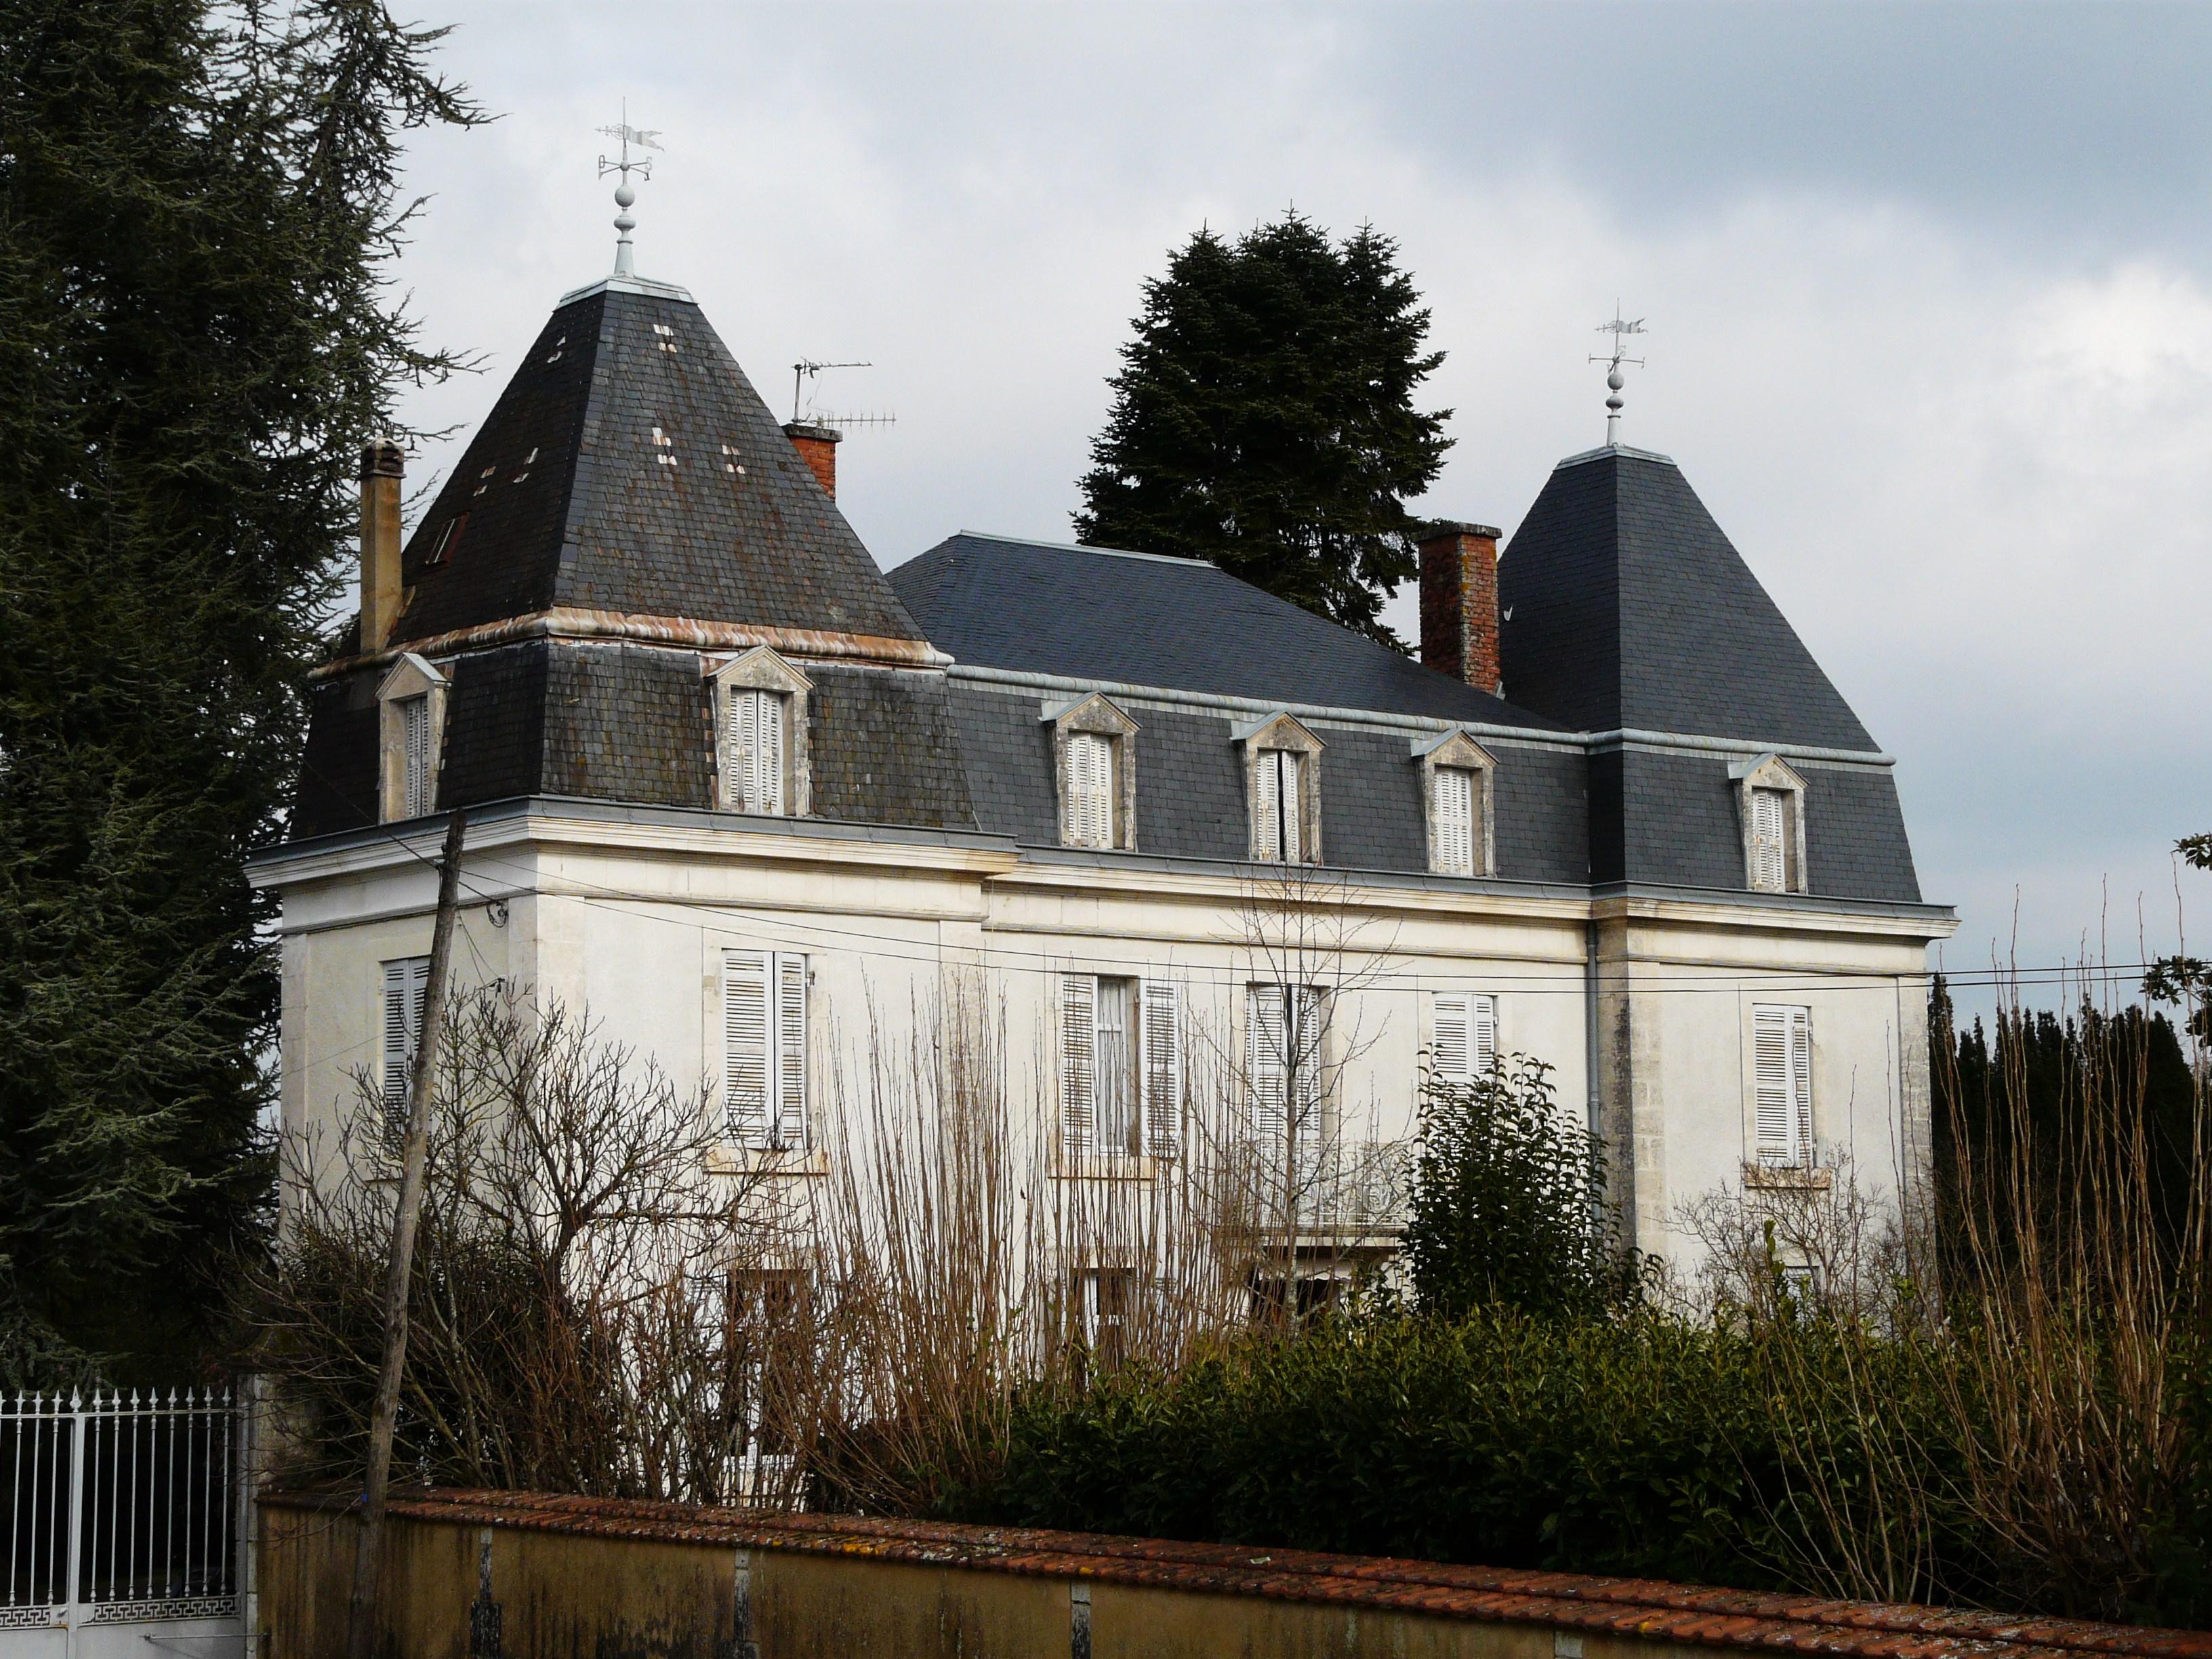 Fichier glise neuve de vergt maison bourgeoise jpg wikip dia - Maison ancienne bourgeoise paris vi ...